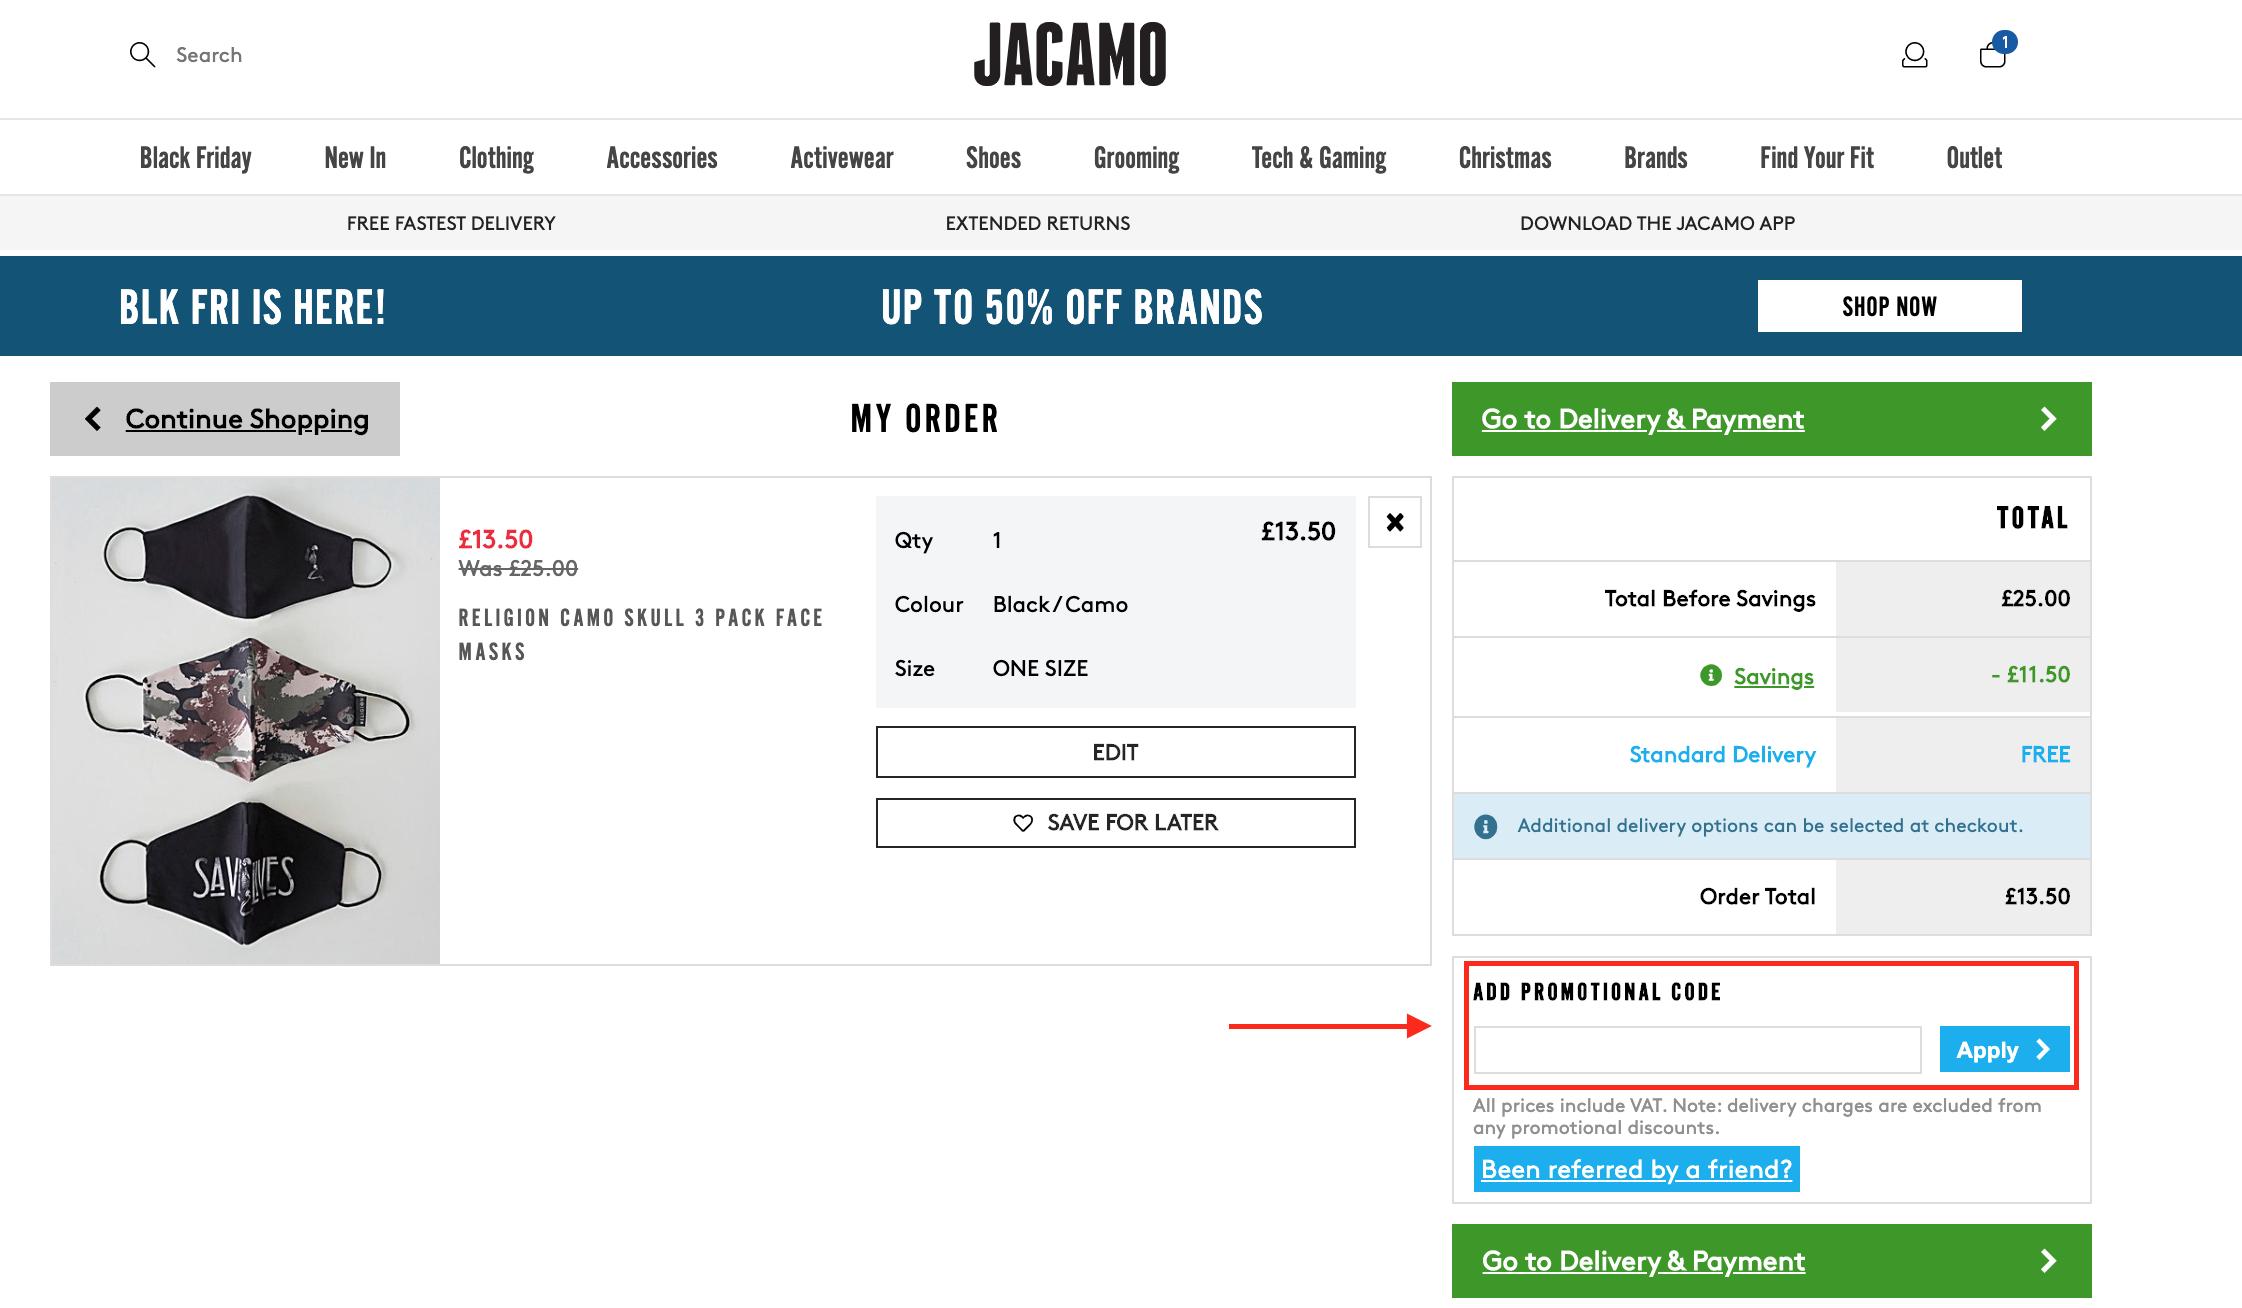 jacamo-voucher_redemption-how-to